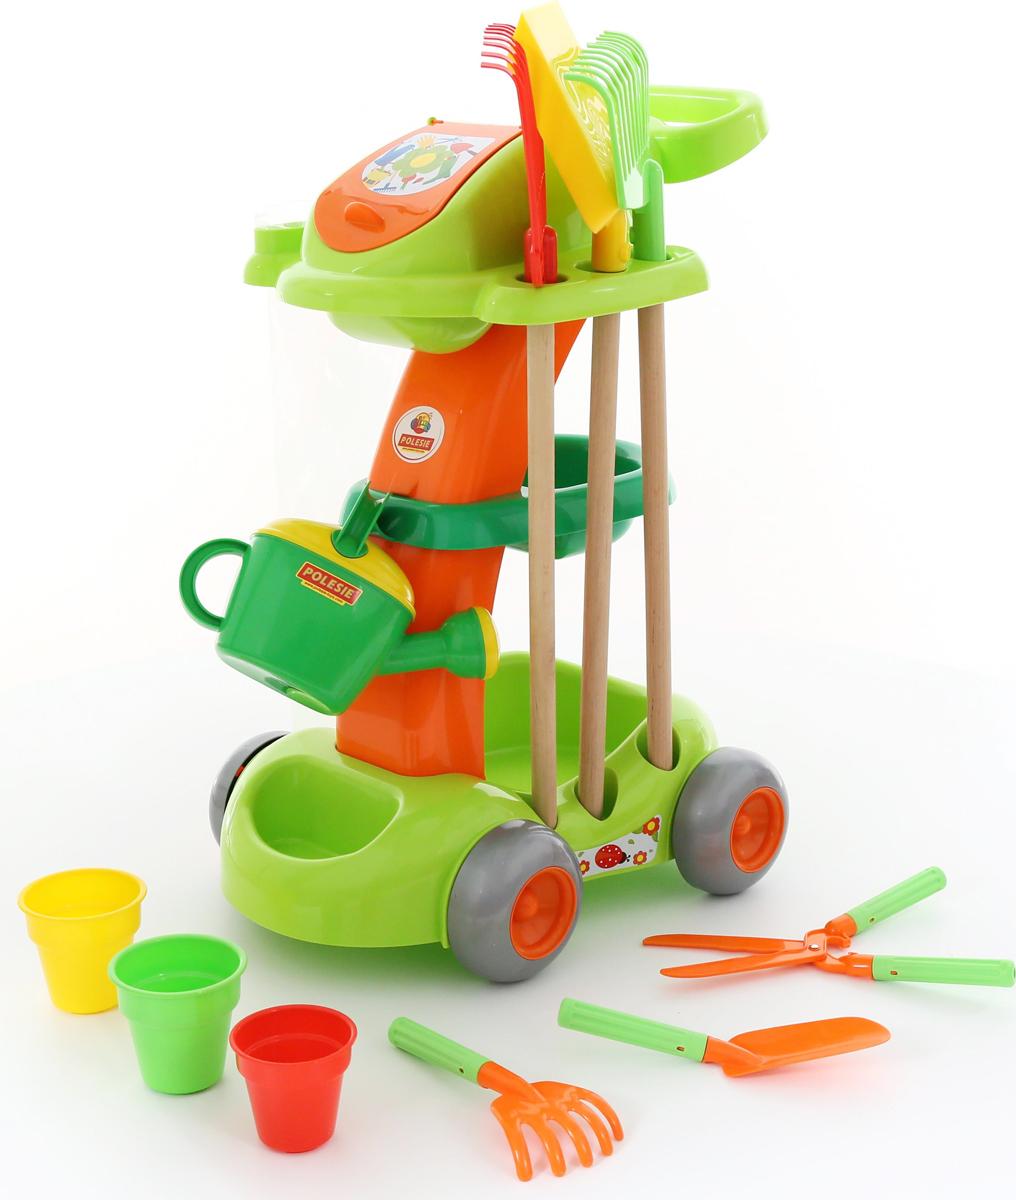 Фото - Полесье Набор игрушек для песочницы Садовый, цвет в ассортименте полесье набор игрушек для песочницы 281 цвет в ассортименте